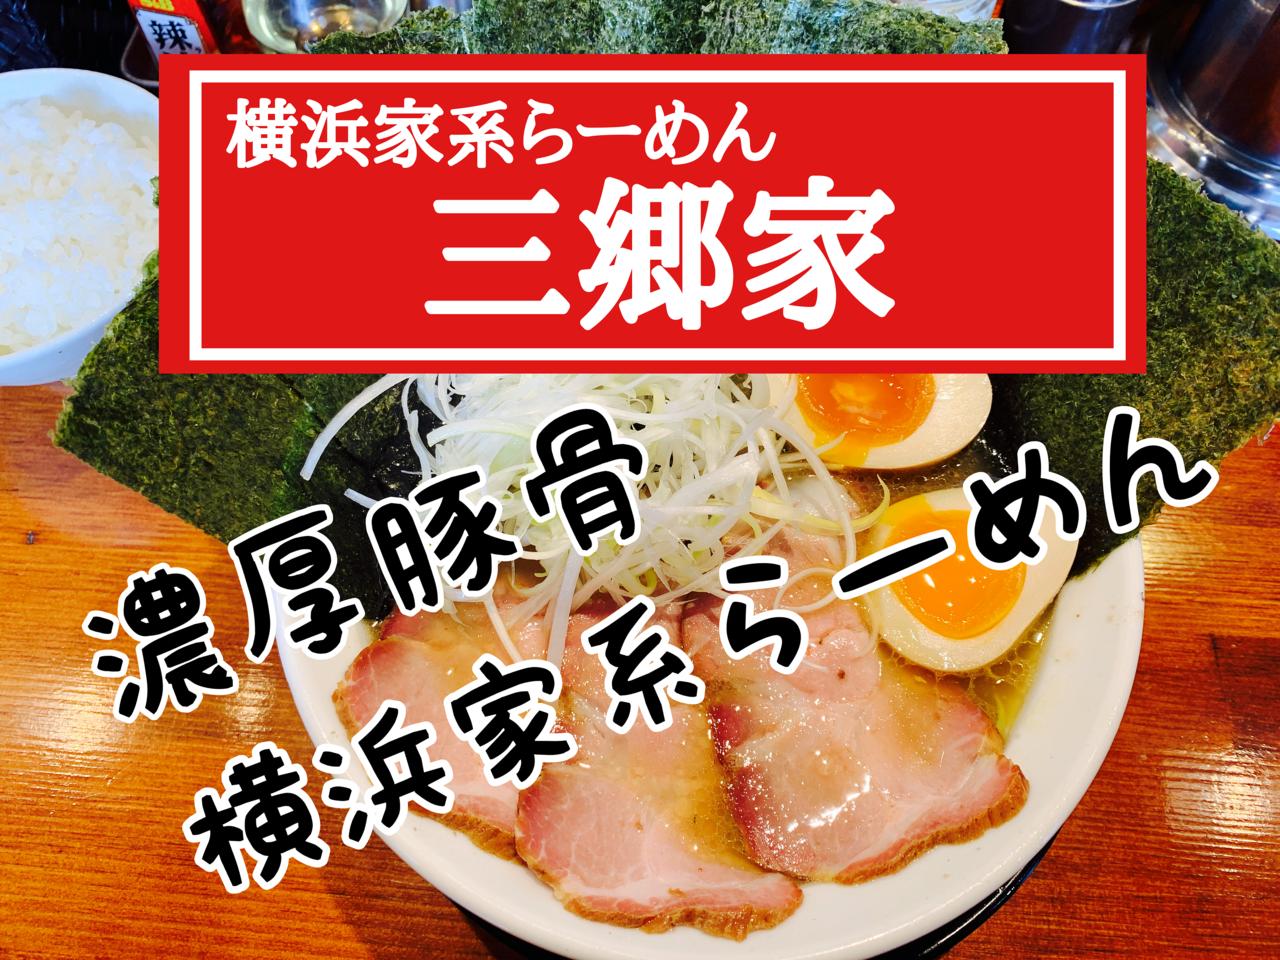 【三郷市食べ歩きブログ】三郷市三郷1丁目の横浜家系ラーメン「三郷家」に行ってきました♪